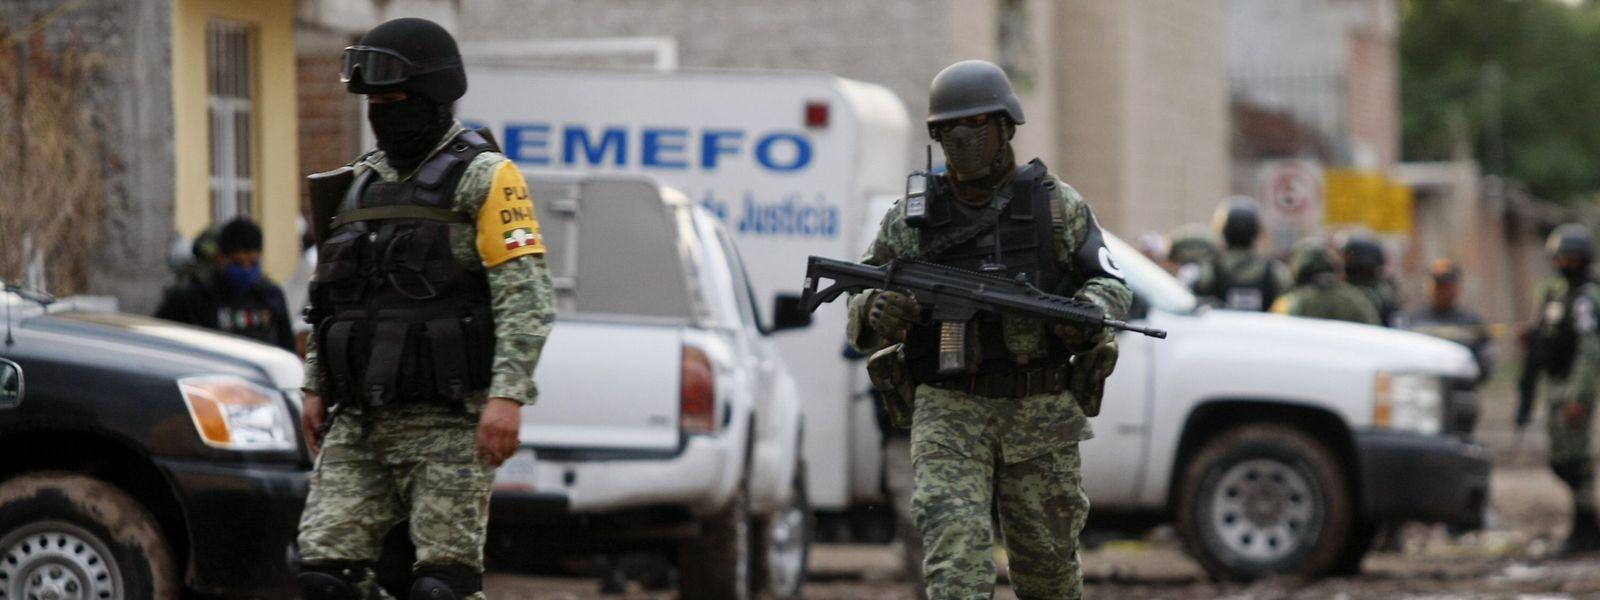 Sicherheitskräfte der Nationalgarde am Anschlagsort in Irapuato.